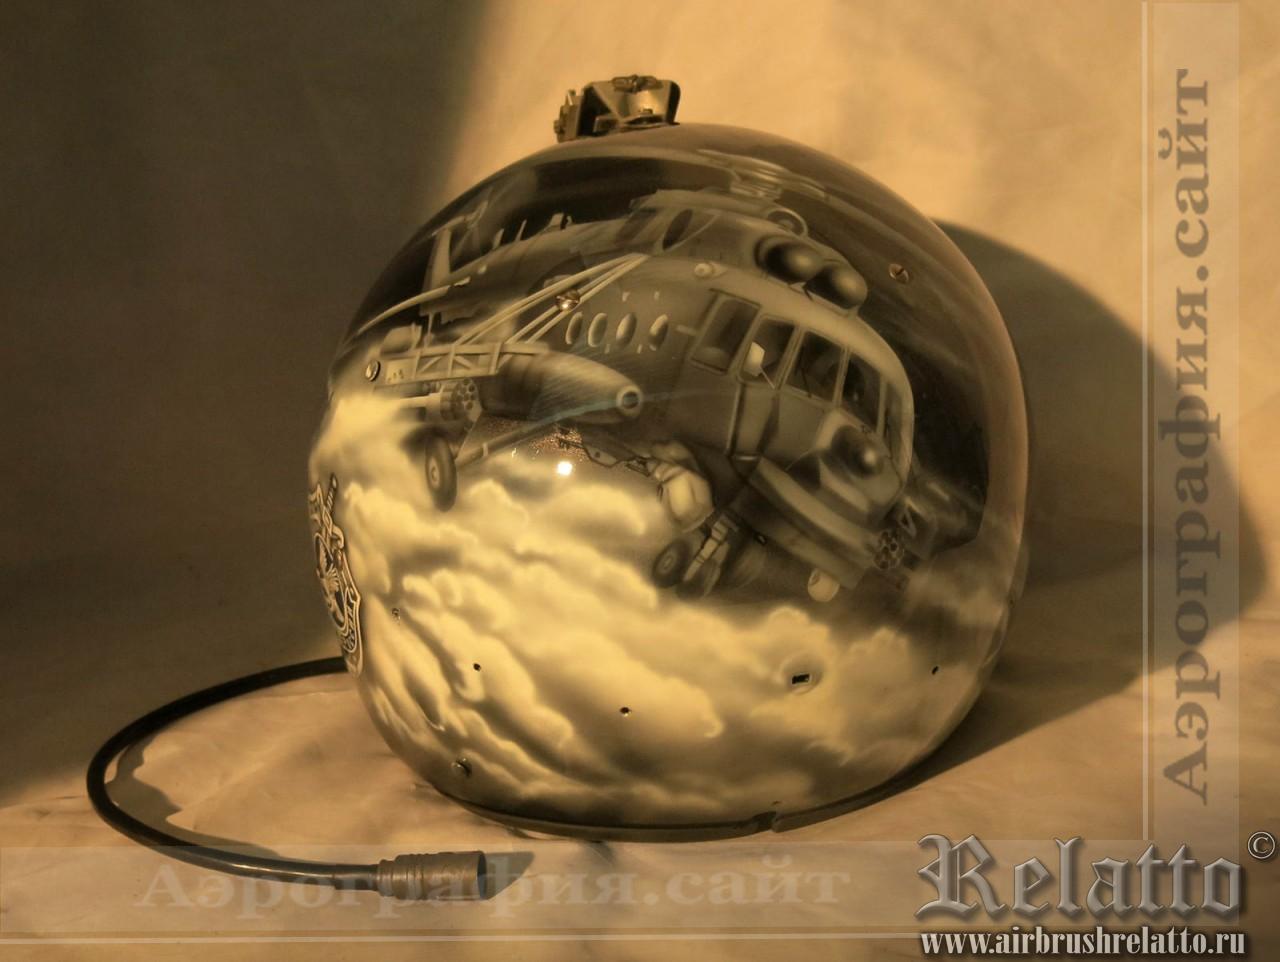 Роспись шлемофона